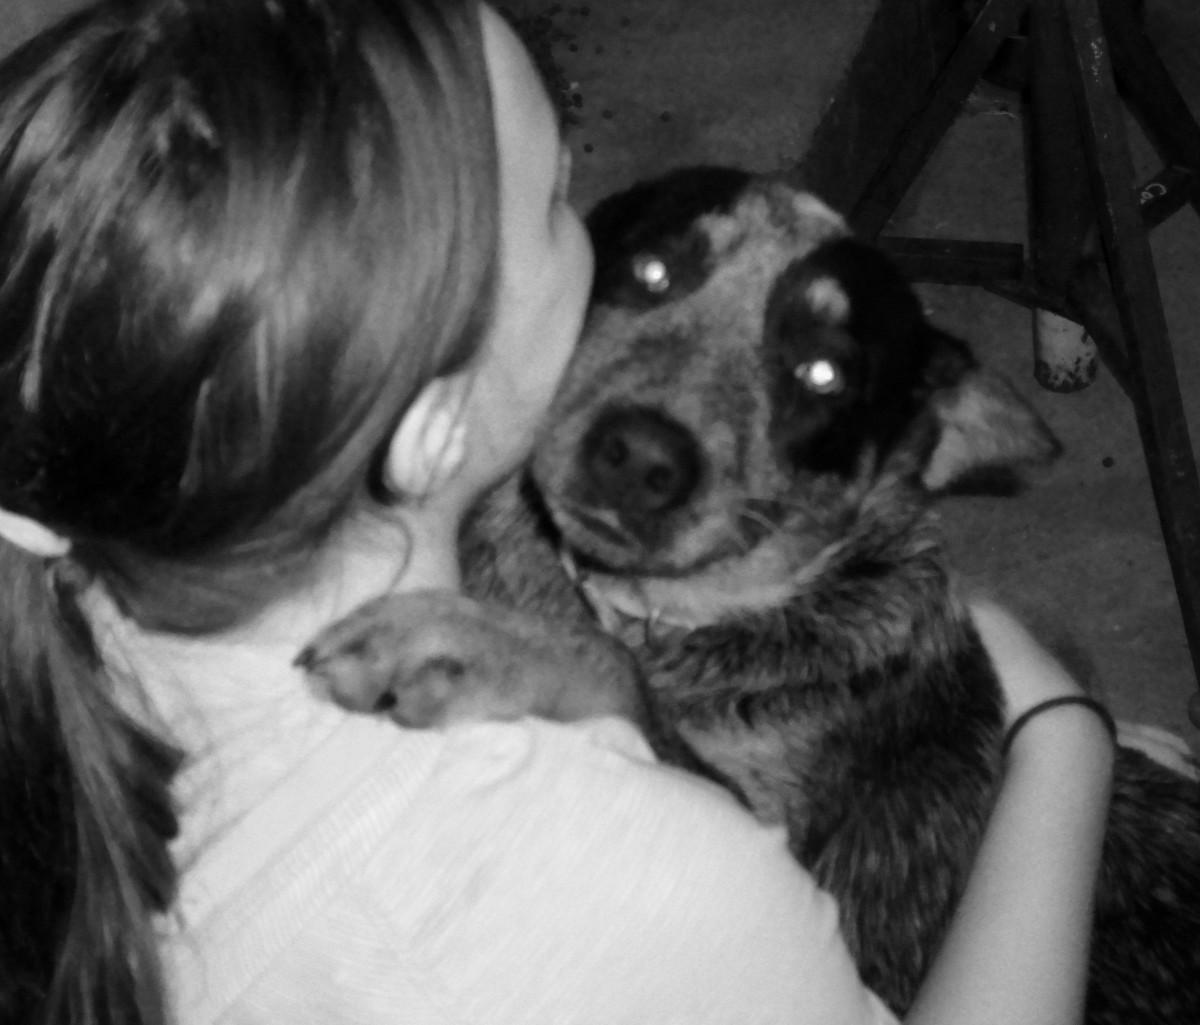 She's always been a big fan of cuddling